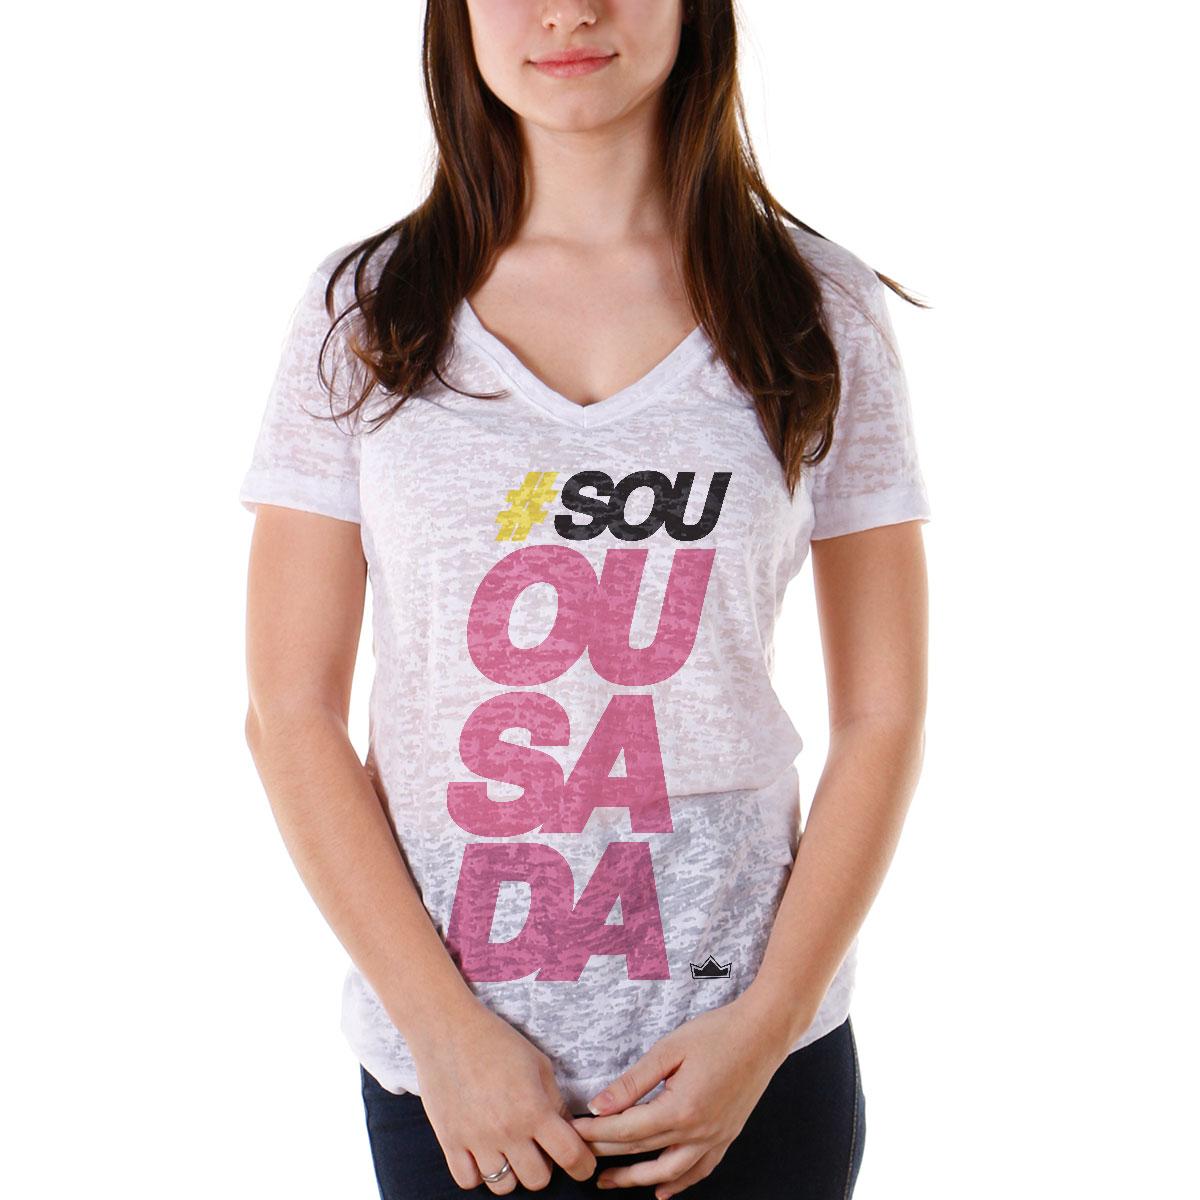 Camiseta Devorê Feminina Thiaguinho Sou Ousada